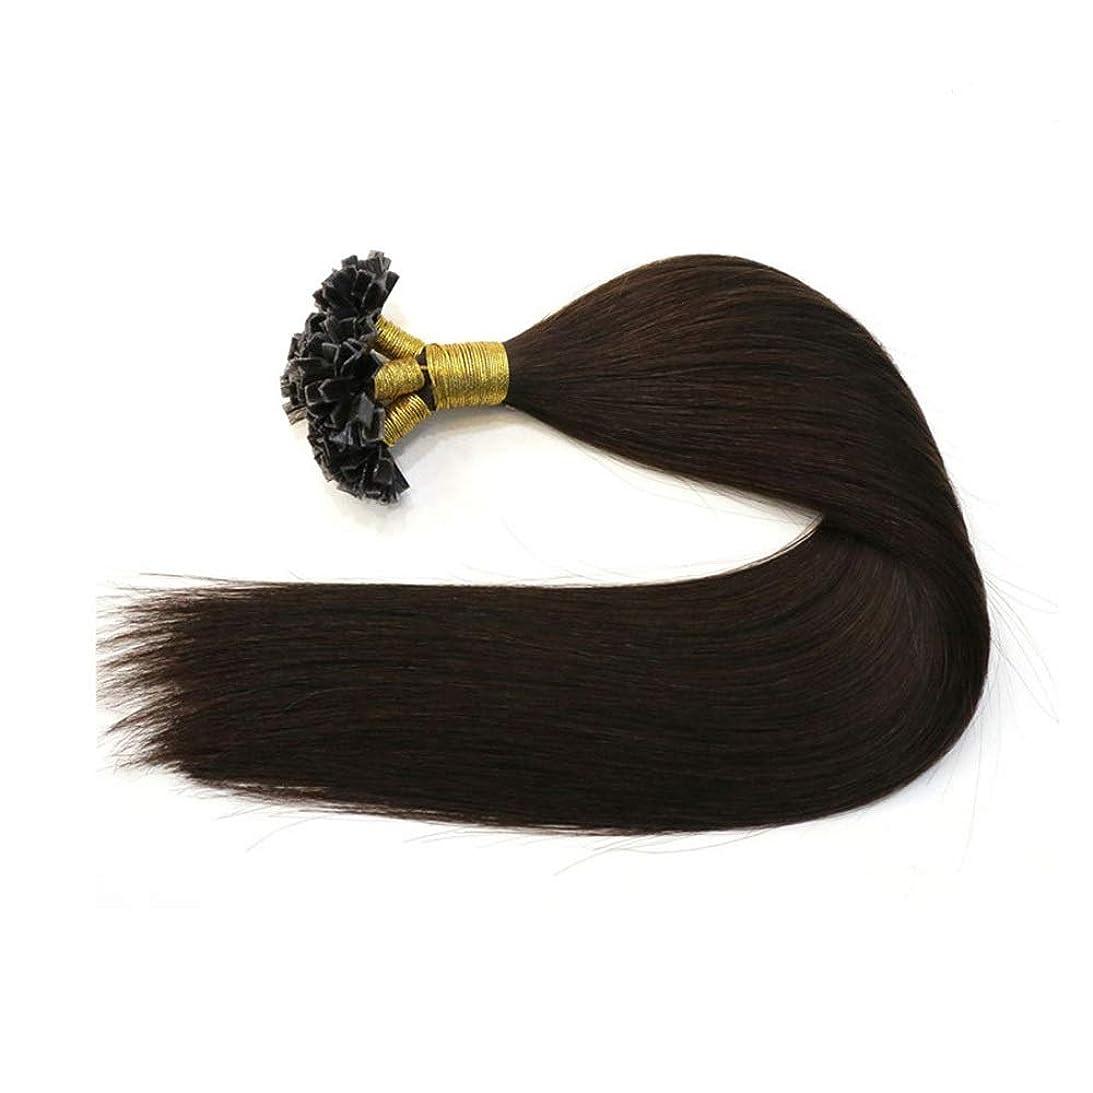 スタイルレシピ性交JULYTER ブラックナノチップフュージョン人間の髪の毛の拡張子レミーブラジルの髪の毛本能的なナノリング髪 (色 : 黒, サイズ : 22 inch)